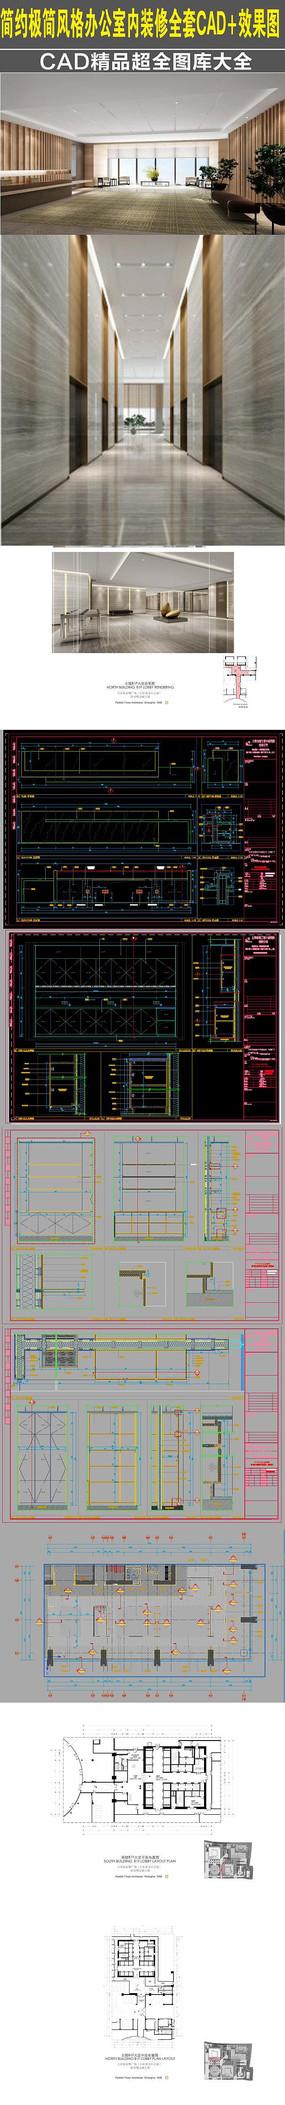 简约办公室全套CAD和效果图